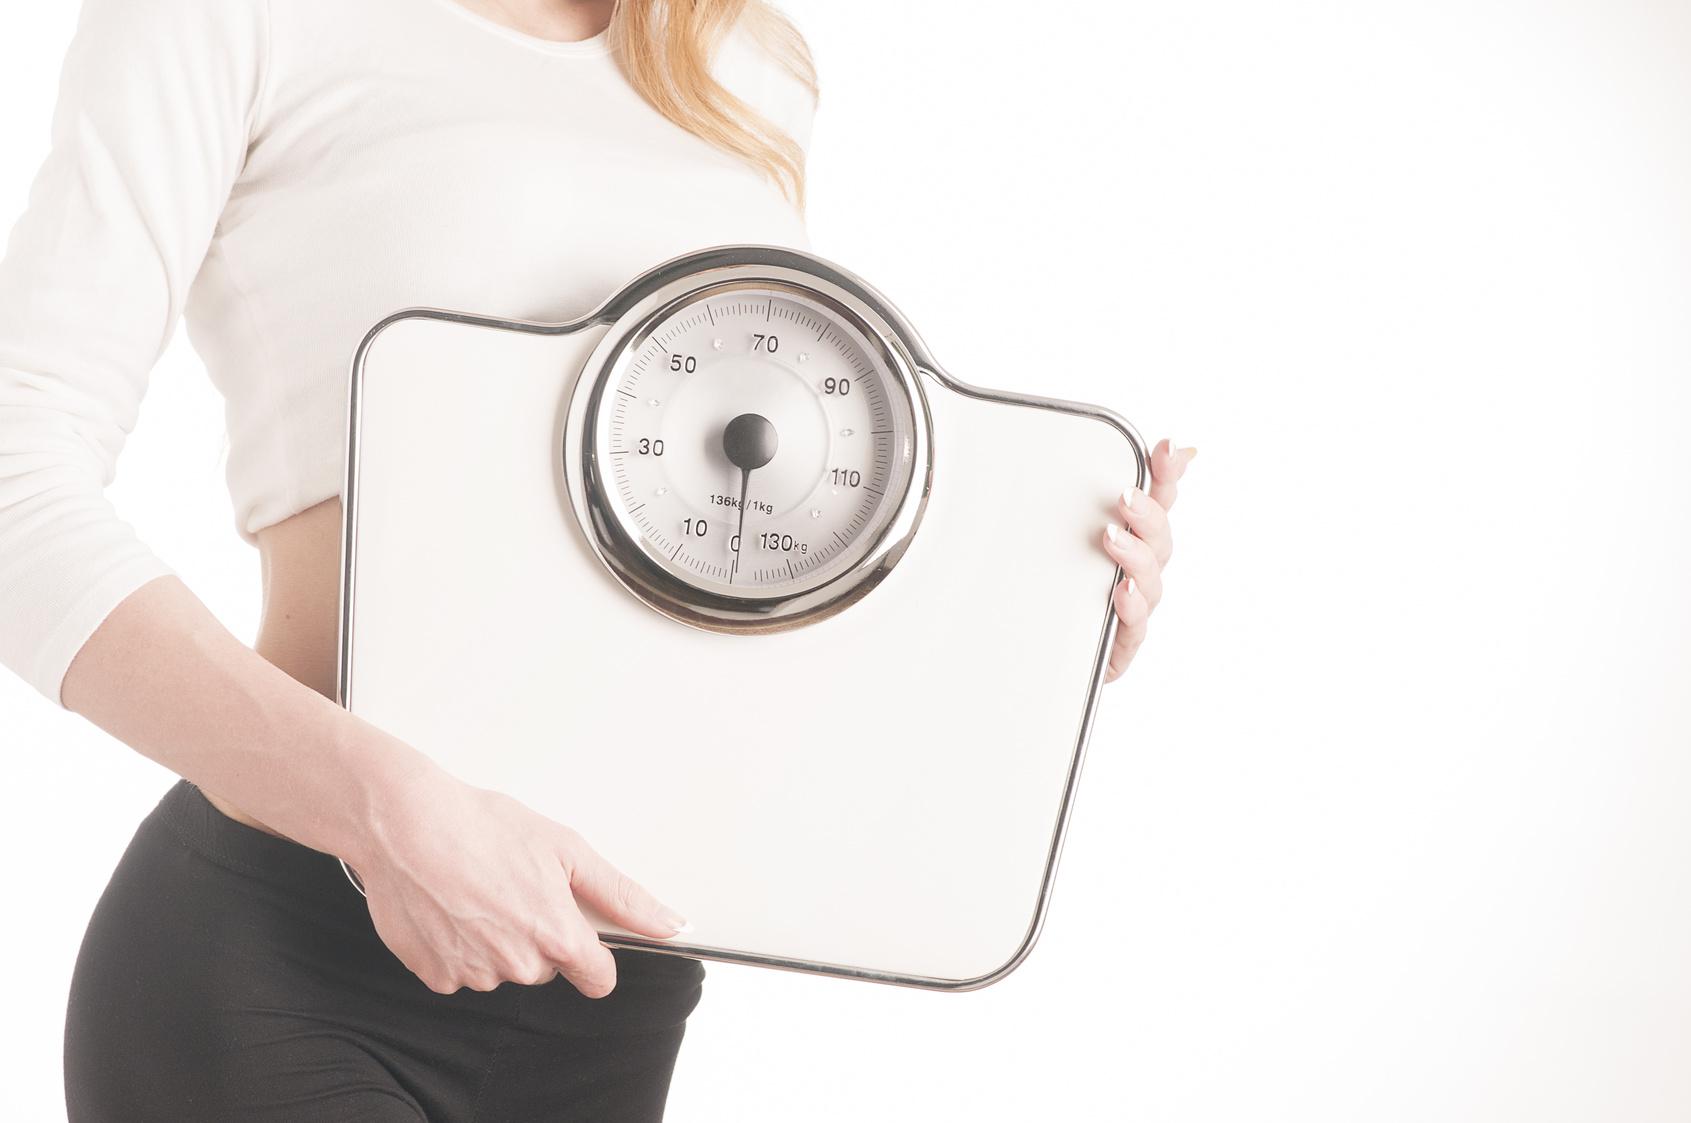 「正月太り」で増えてしまった体重を元に戻すコツ